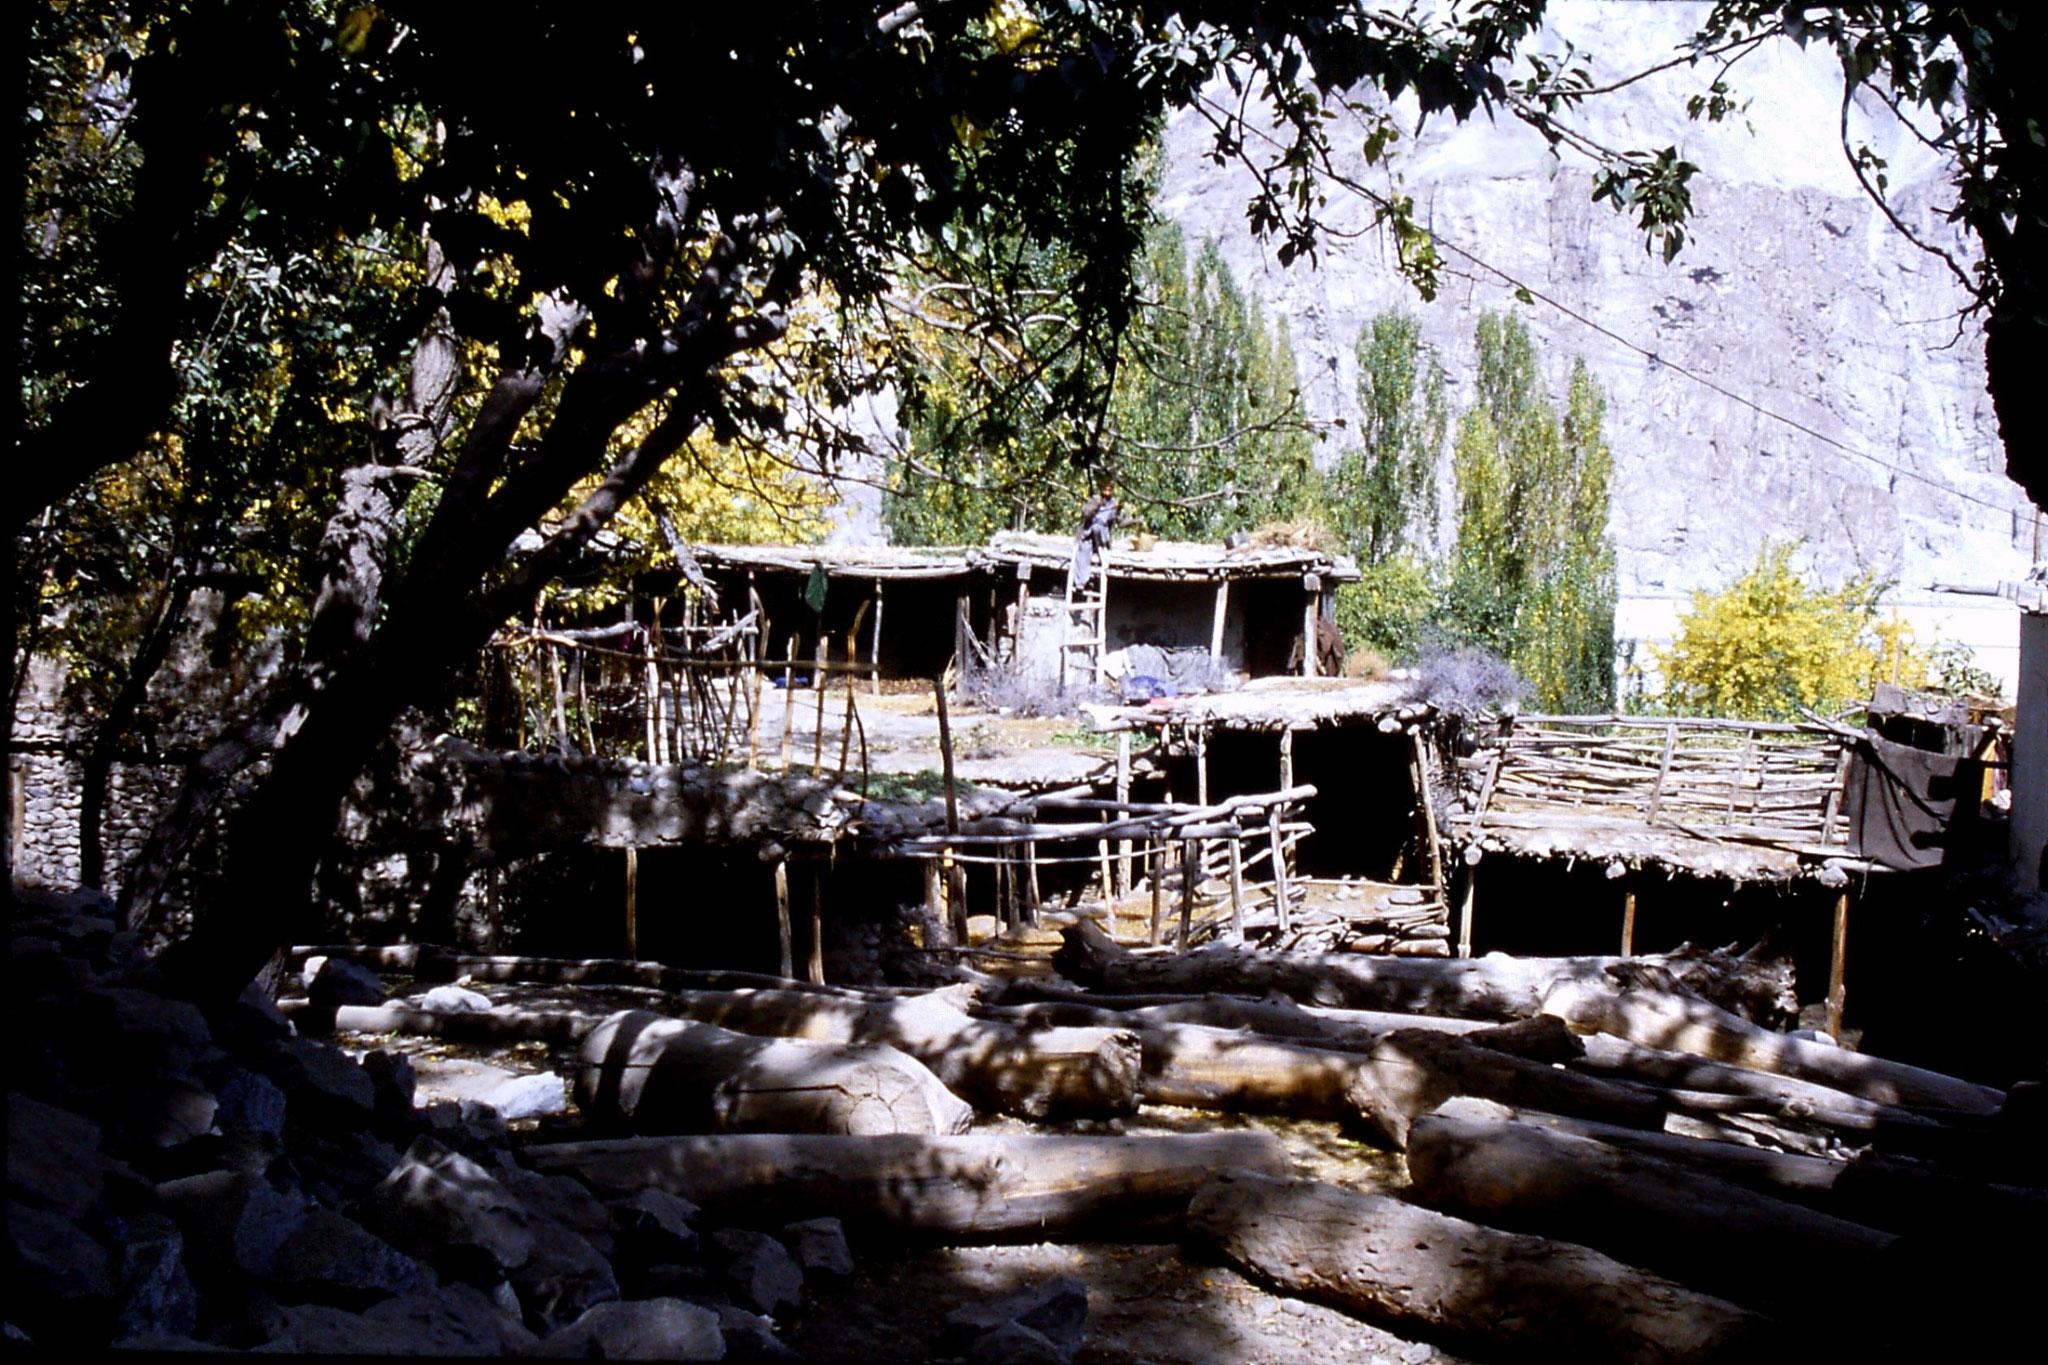 15/10/1989: 31: Khaplu